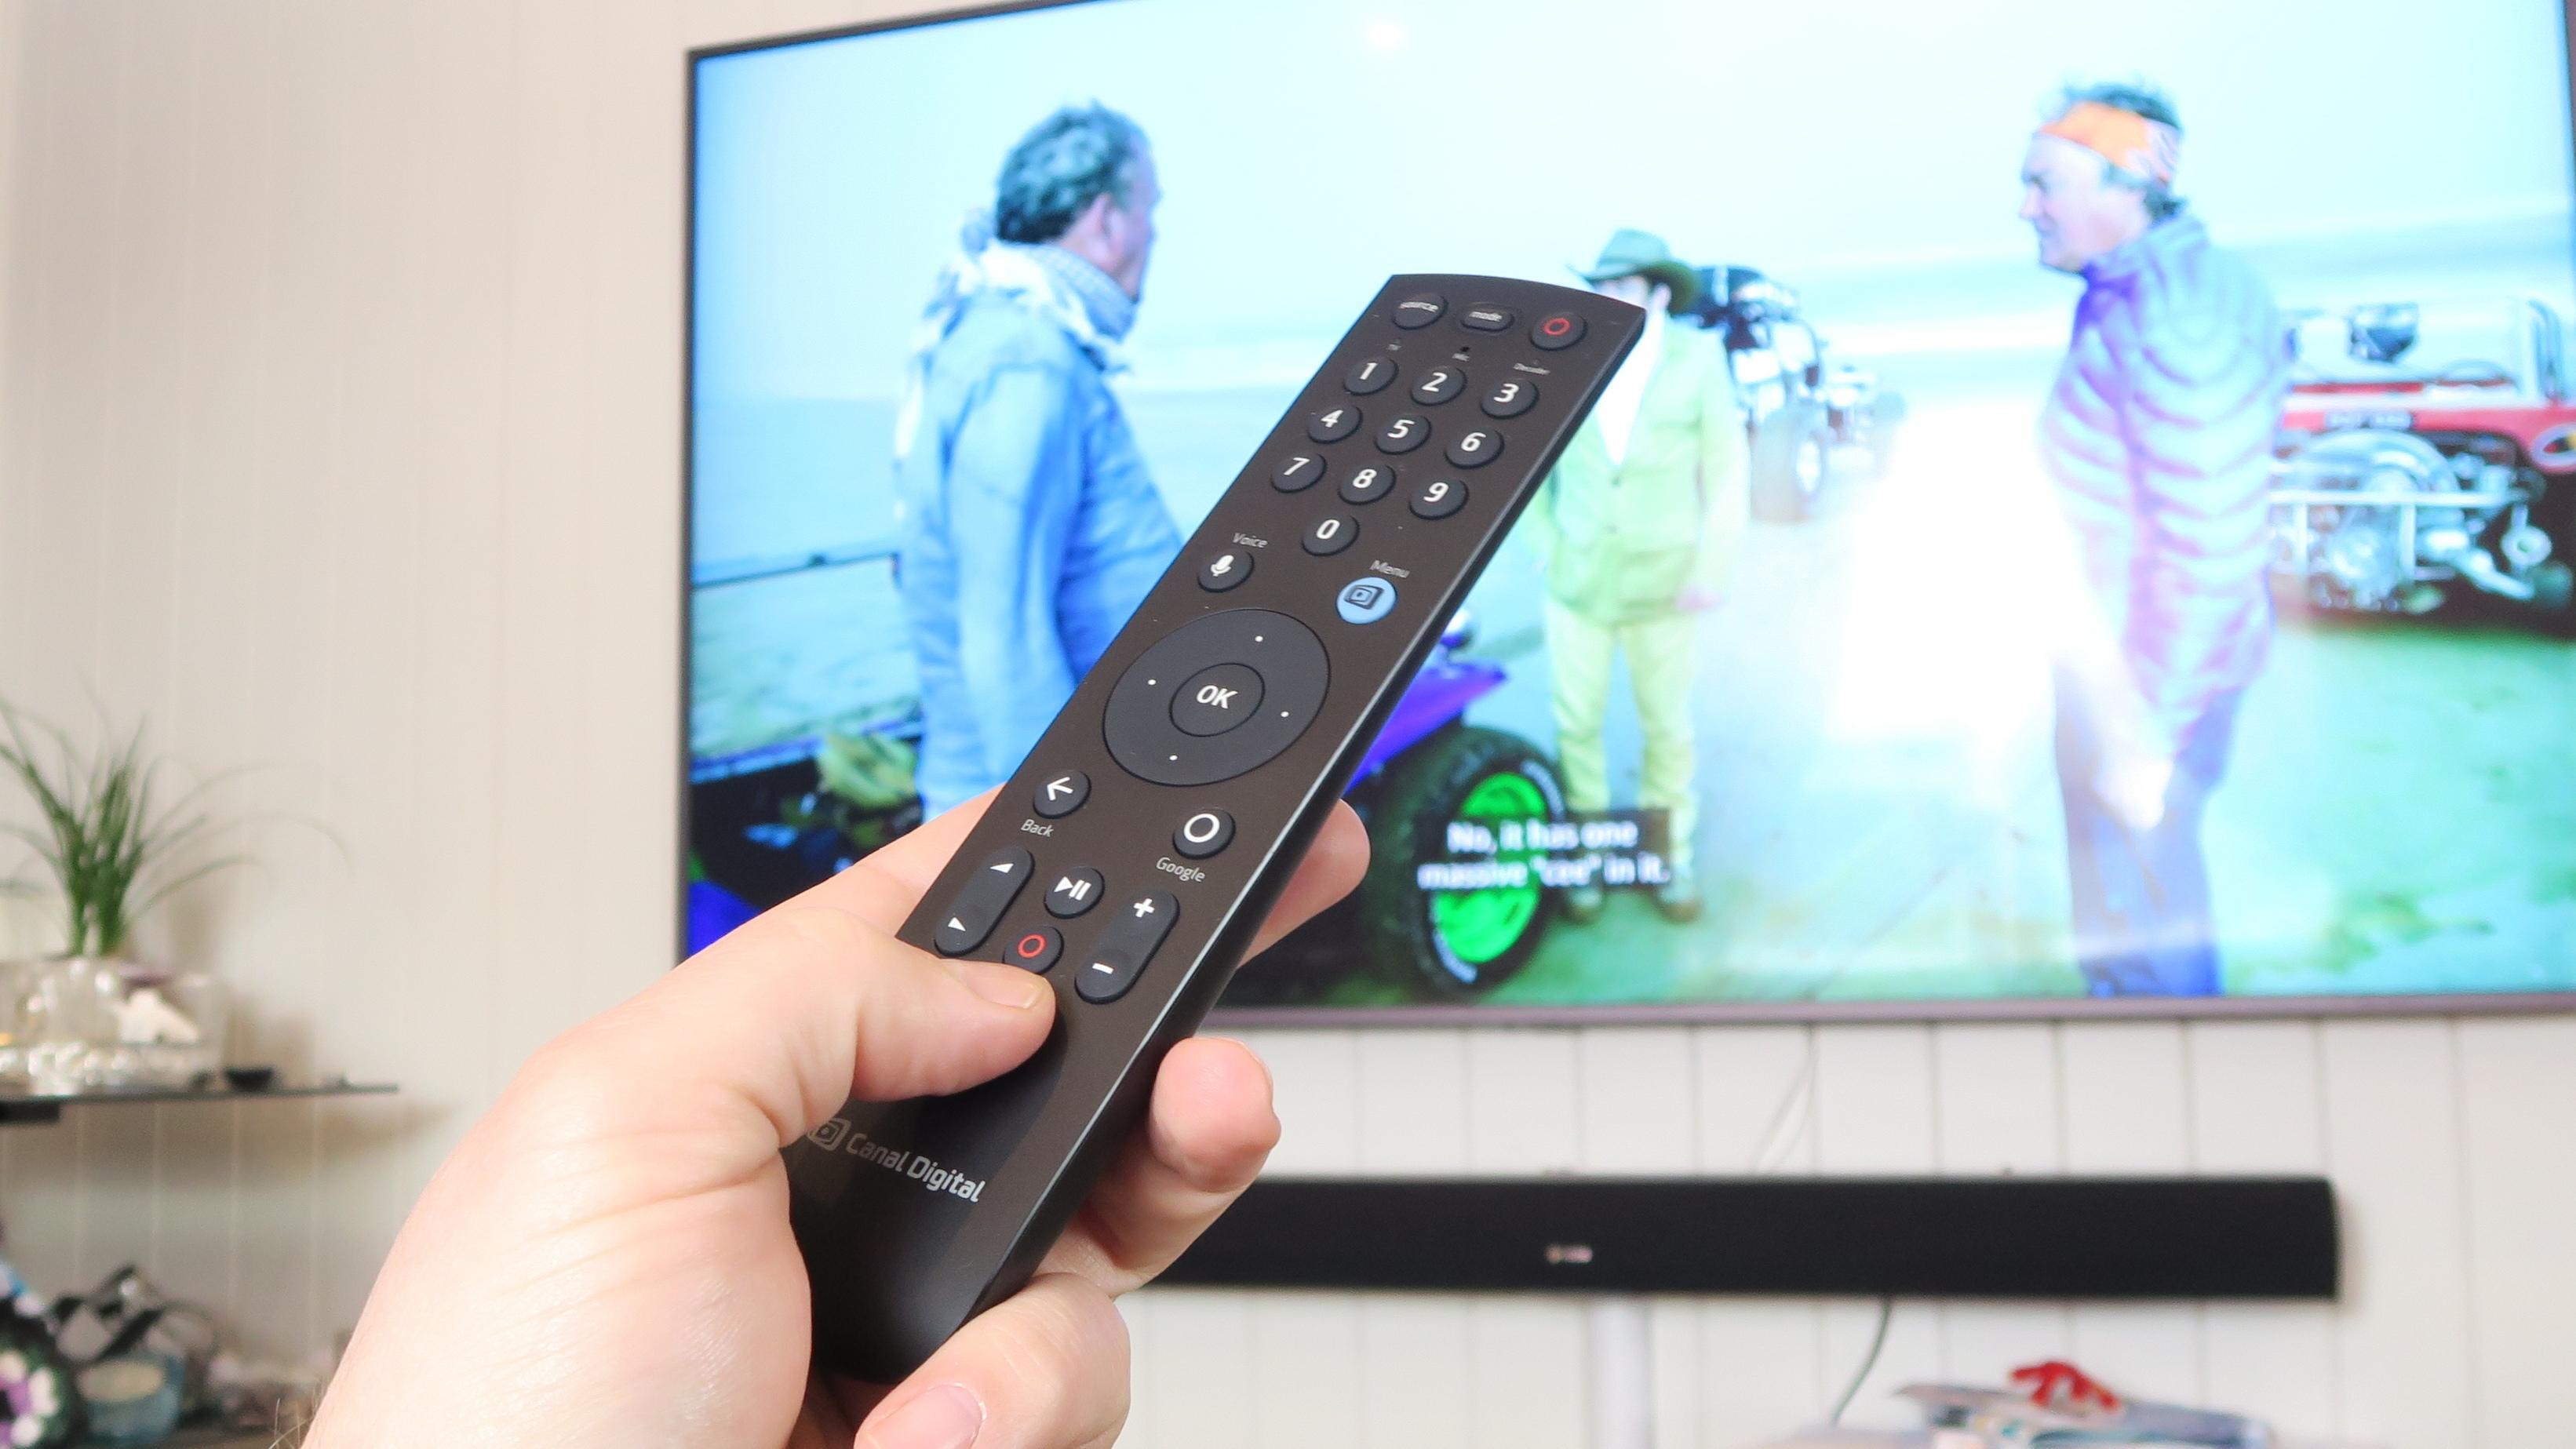 Fjernkontrollen bruker Bluetooth for å kommunisere med dekoderen. Det betyr at du kan gjemme dekoderen unna syne.